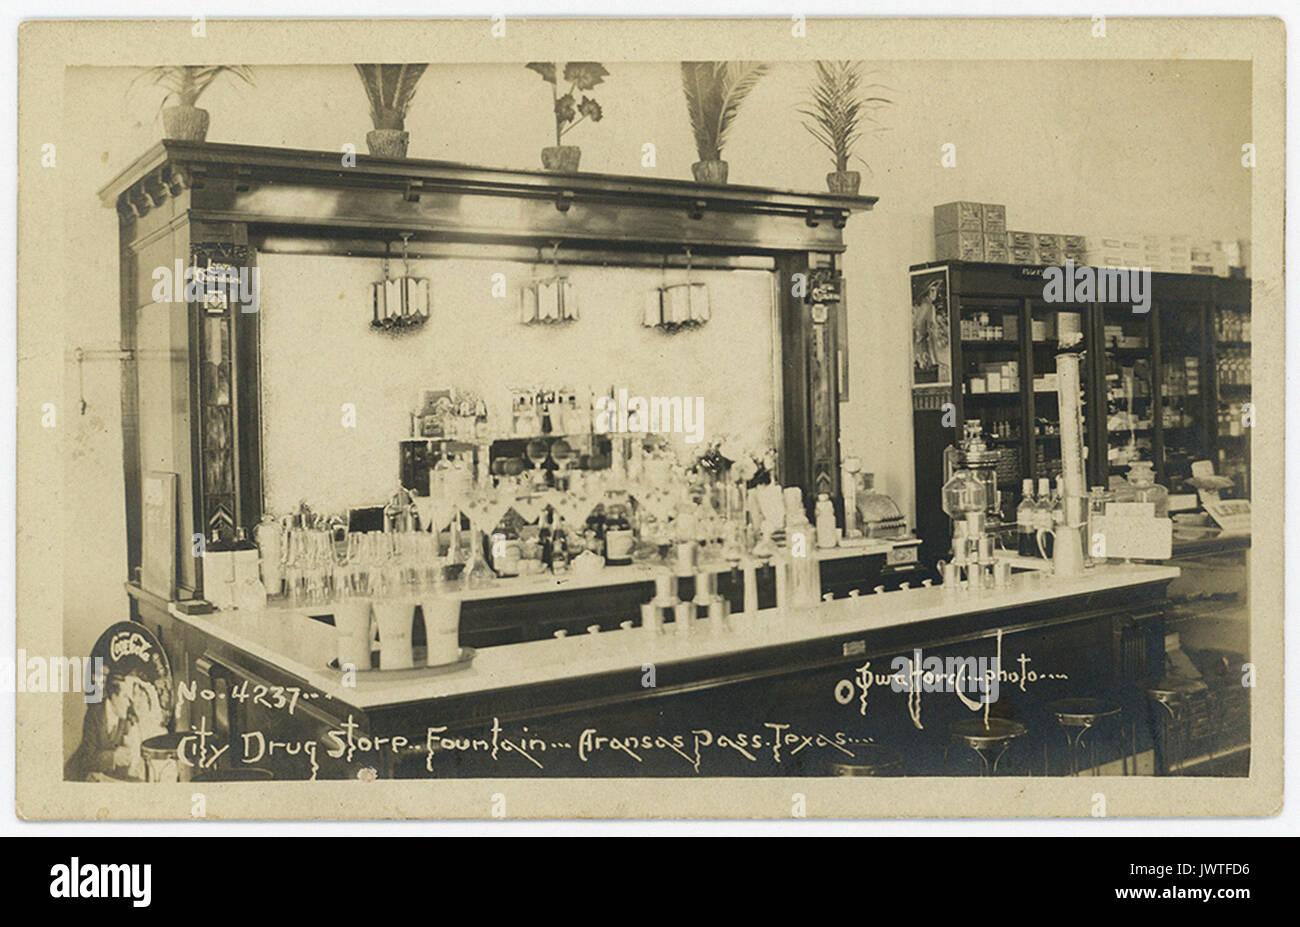 City Drug Store Fountain, Aransas Pass, Texas - Stock Image